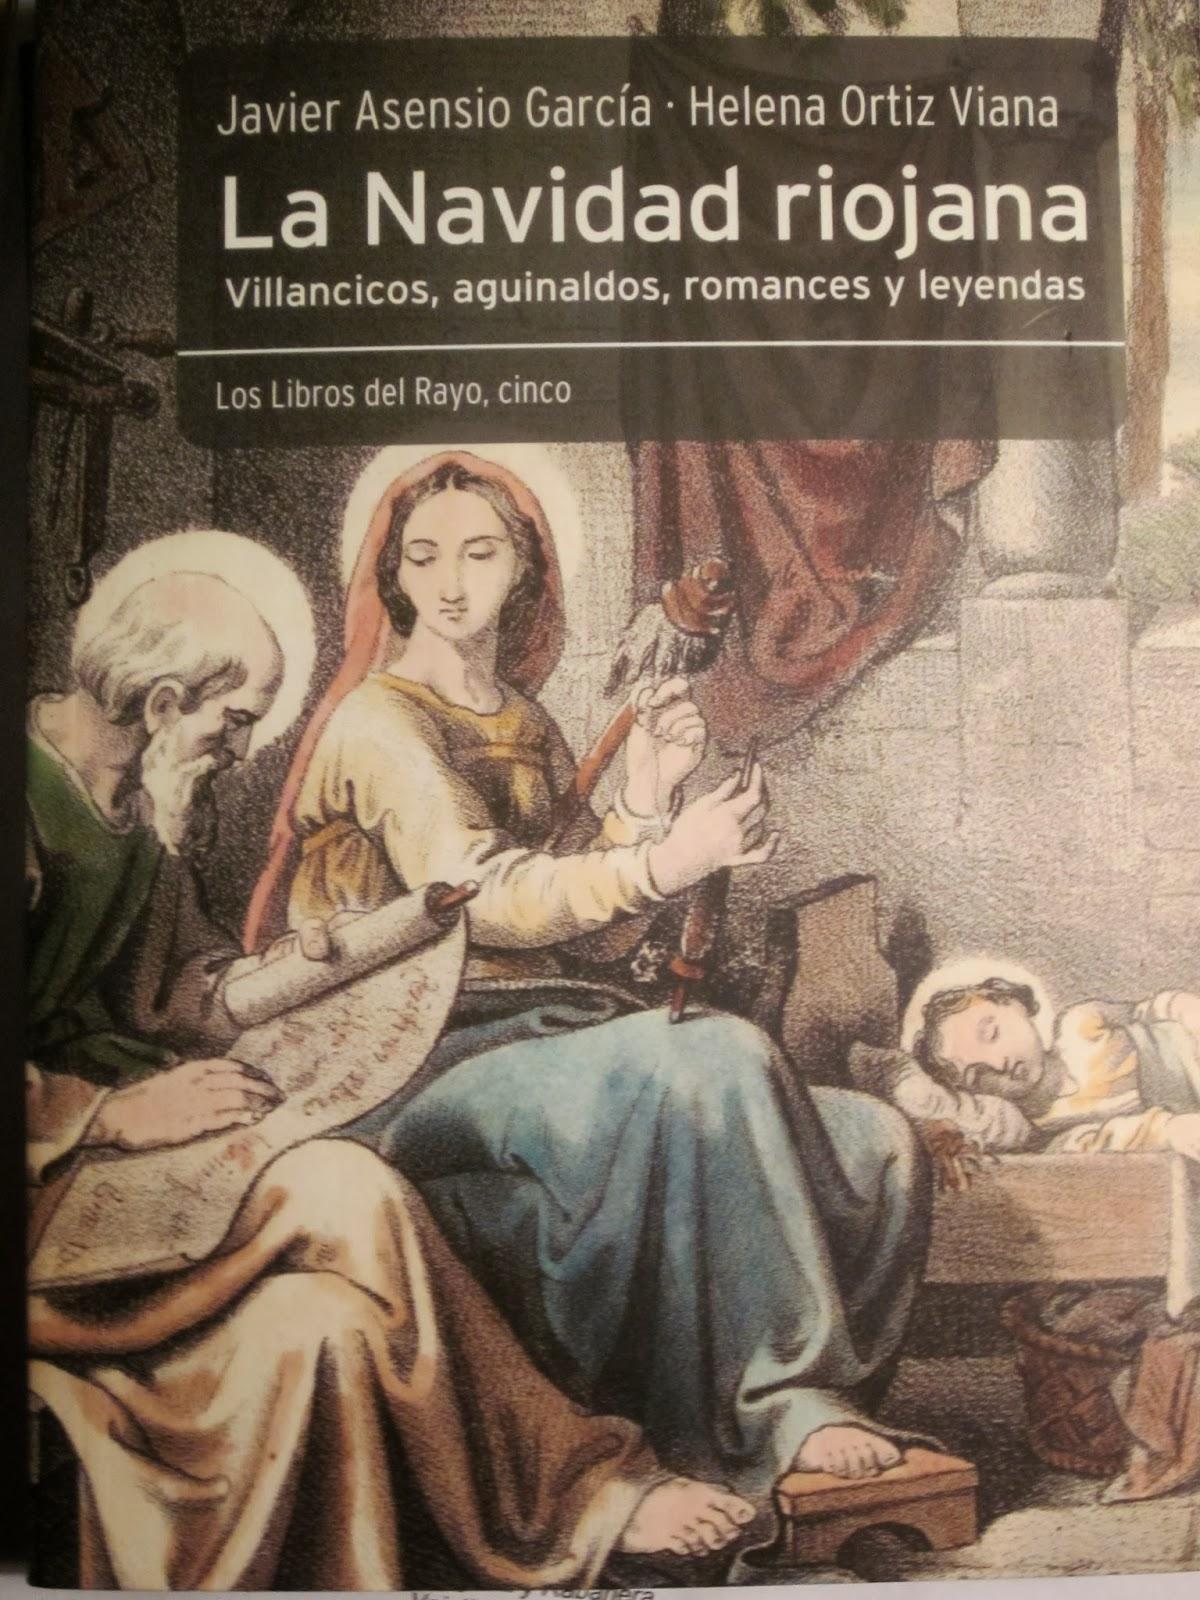 Asensio García, Javier y Ortiz Viana, Helena, La Navidad riojana. Villancicos, aguinaldos, romances y leyendas